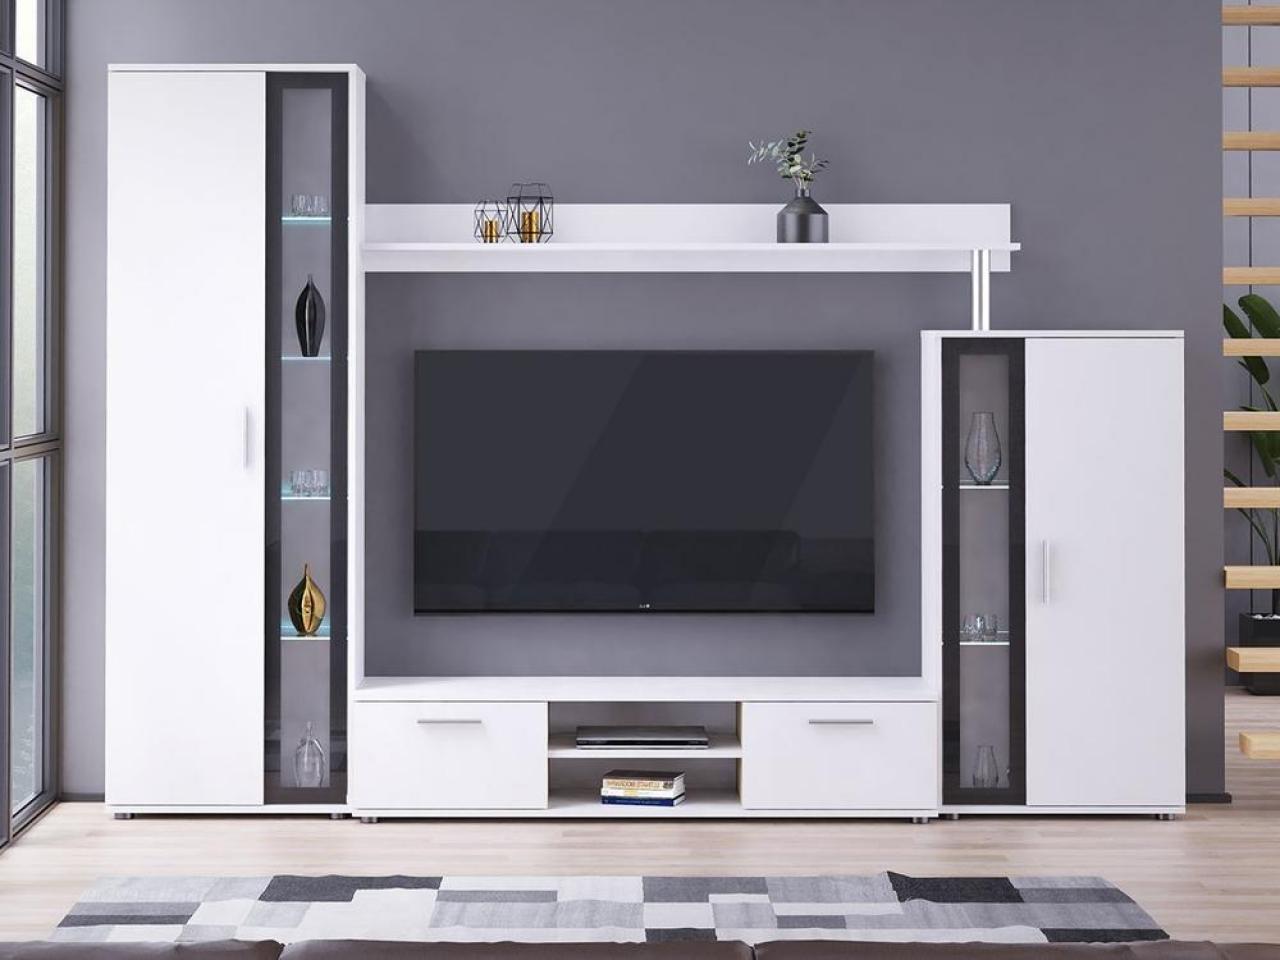 Furnipol - Польская мебельные стенки с доставкой до дверей! - 3